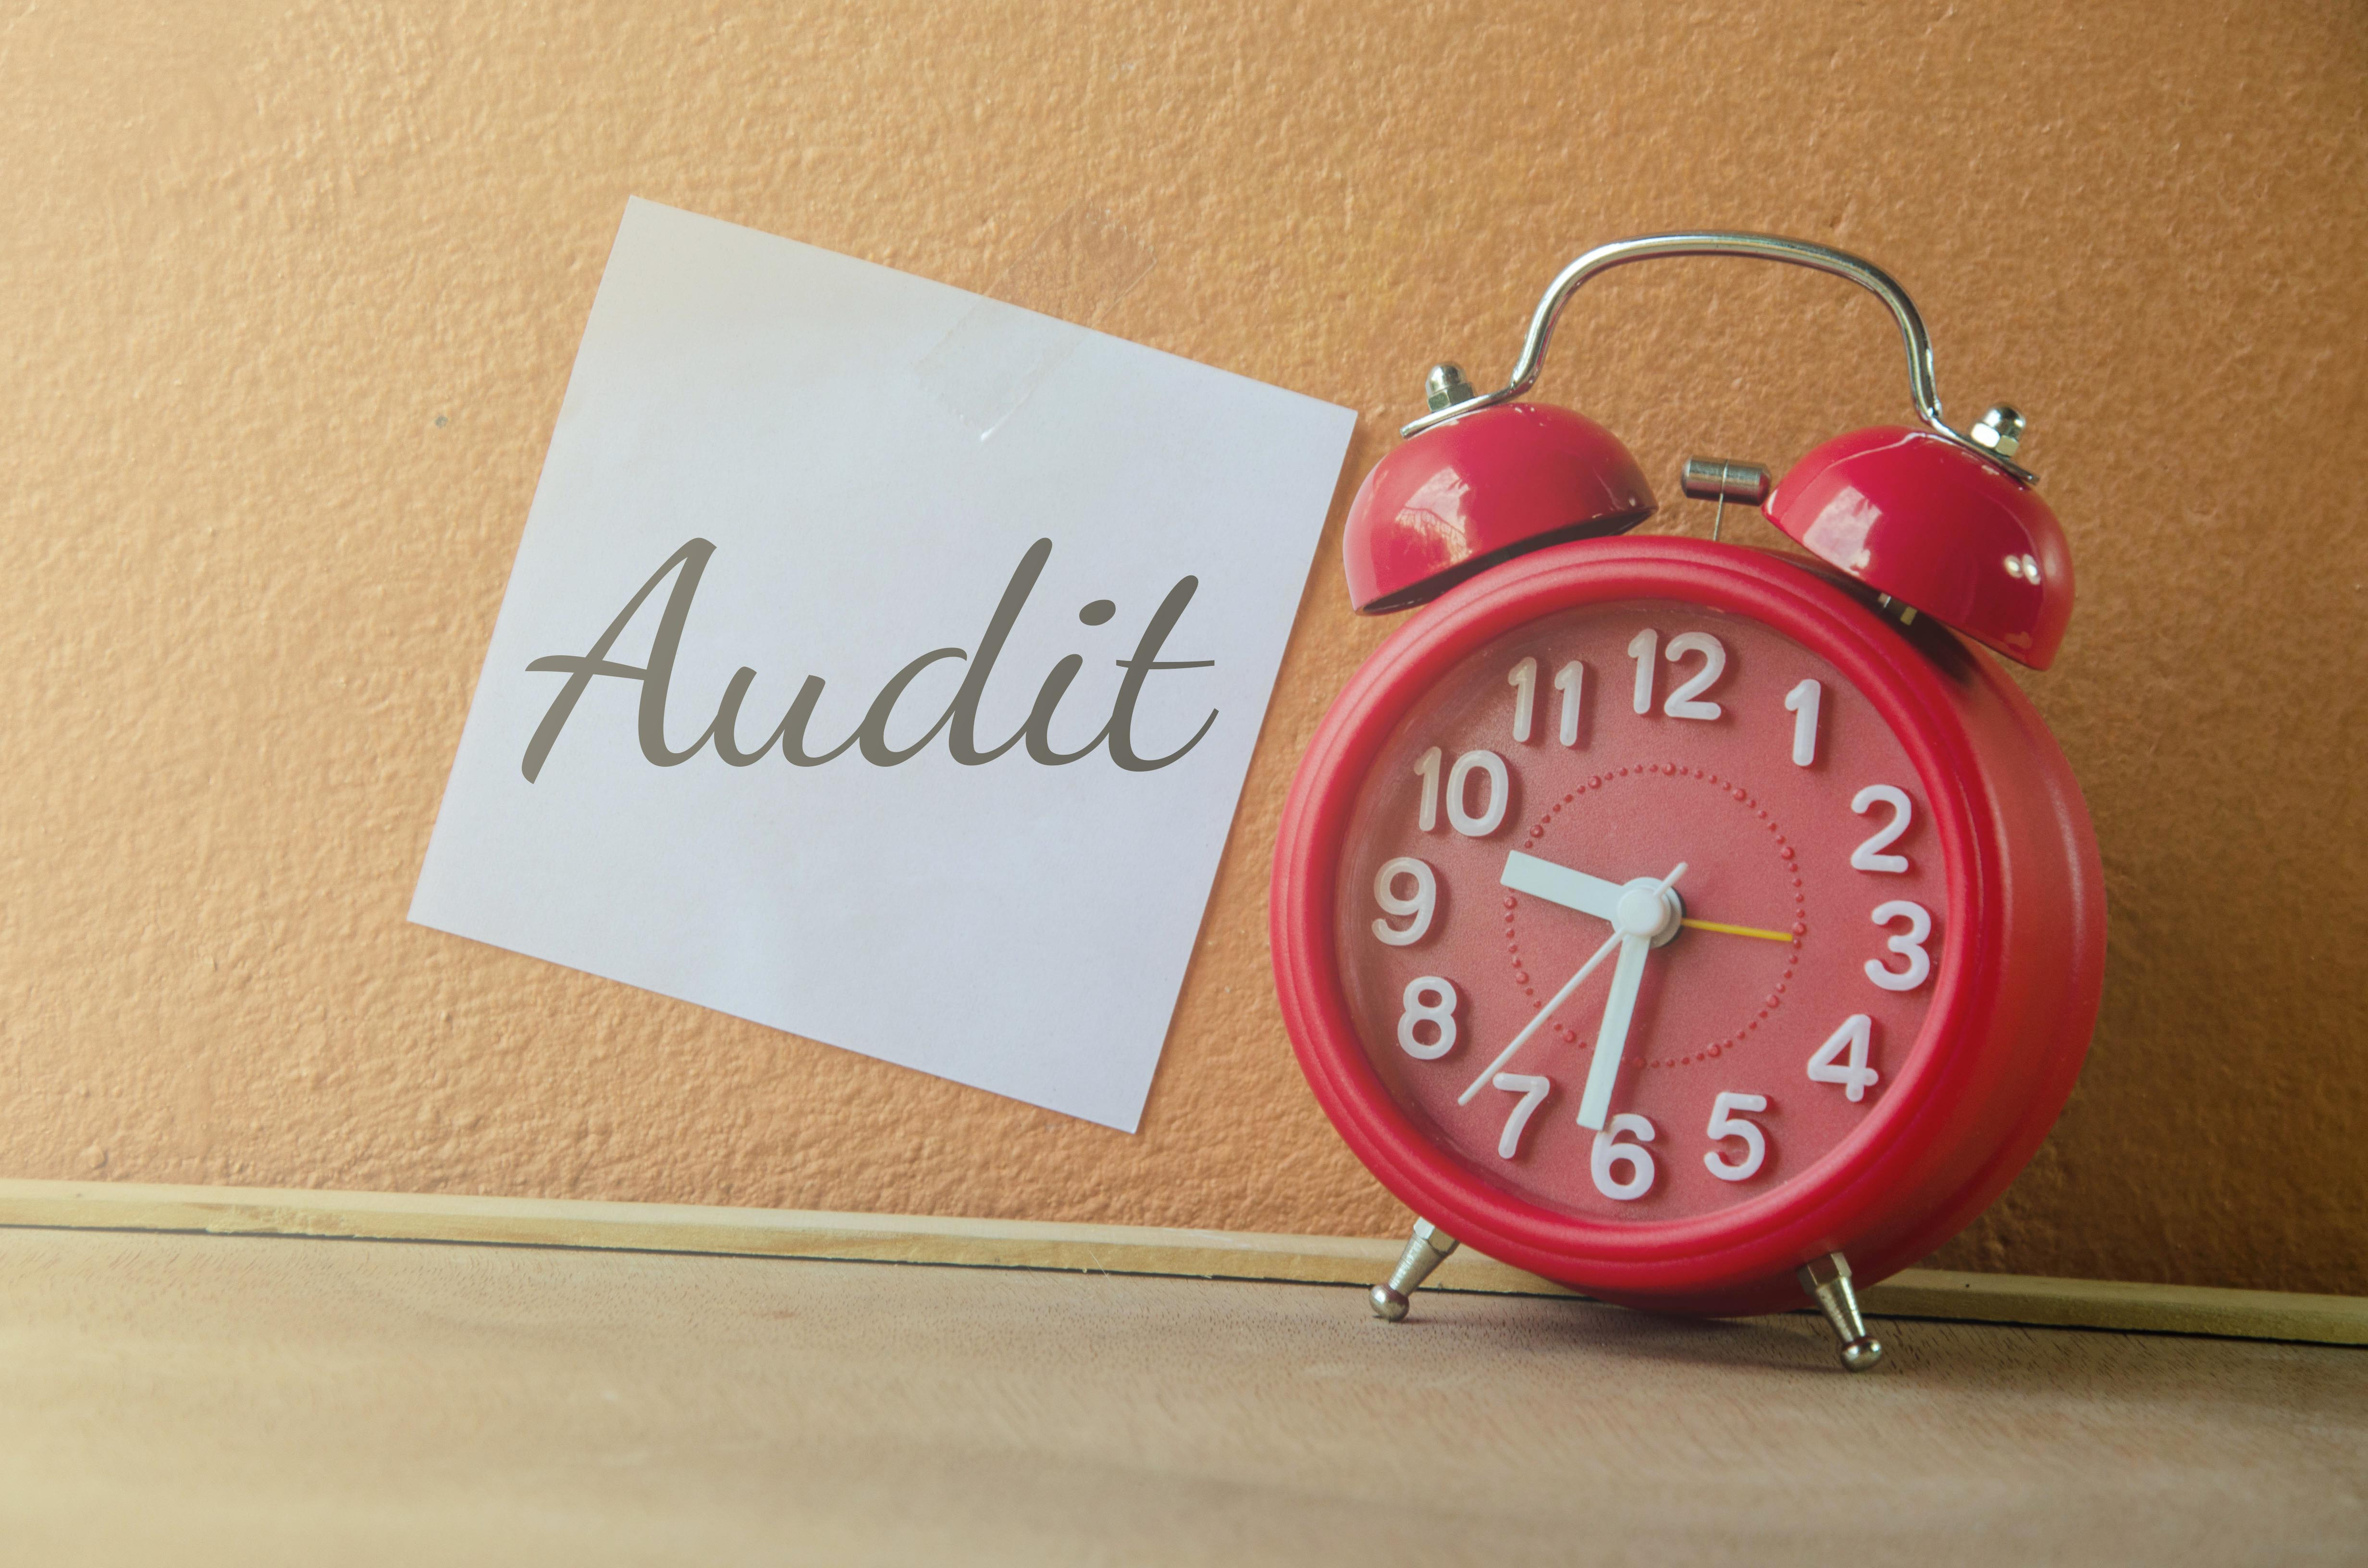 IT Audit: Better Prevent Than Cure. Technical Product Audit